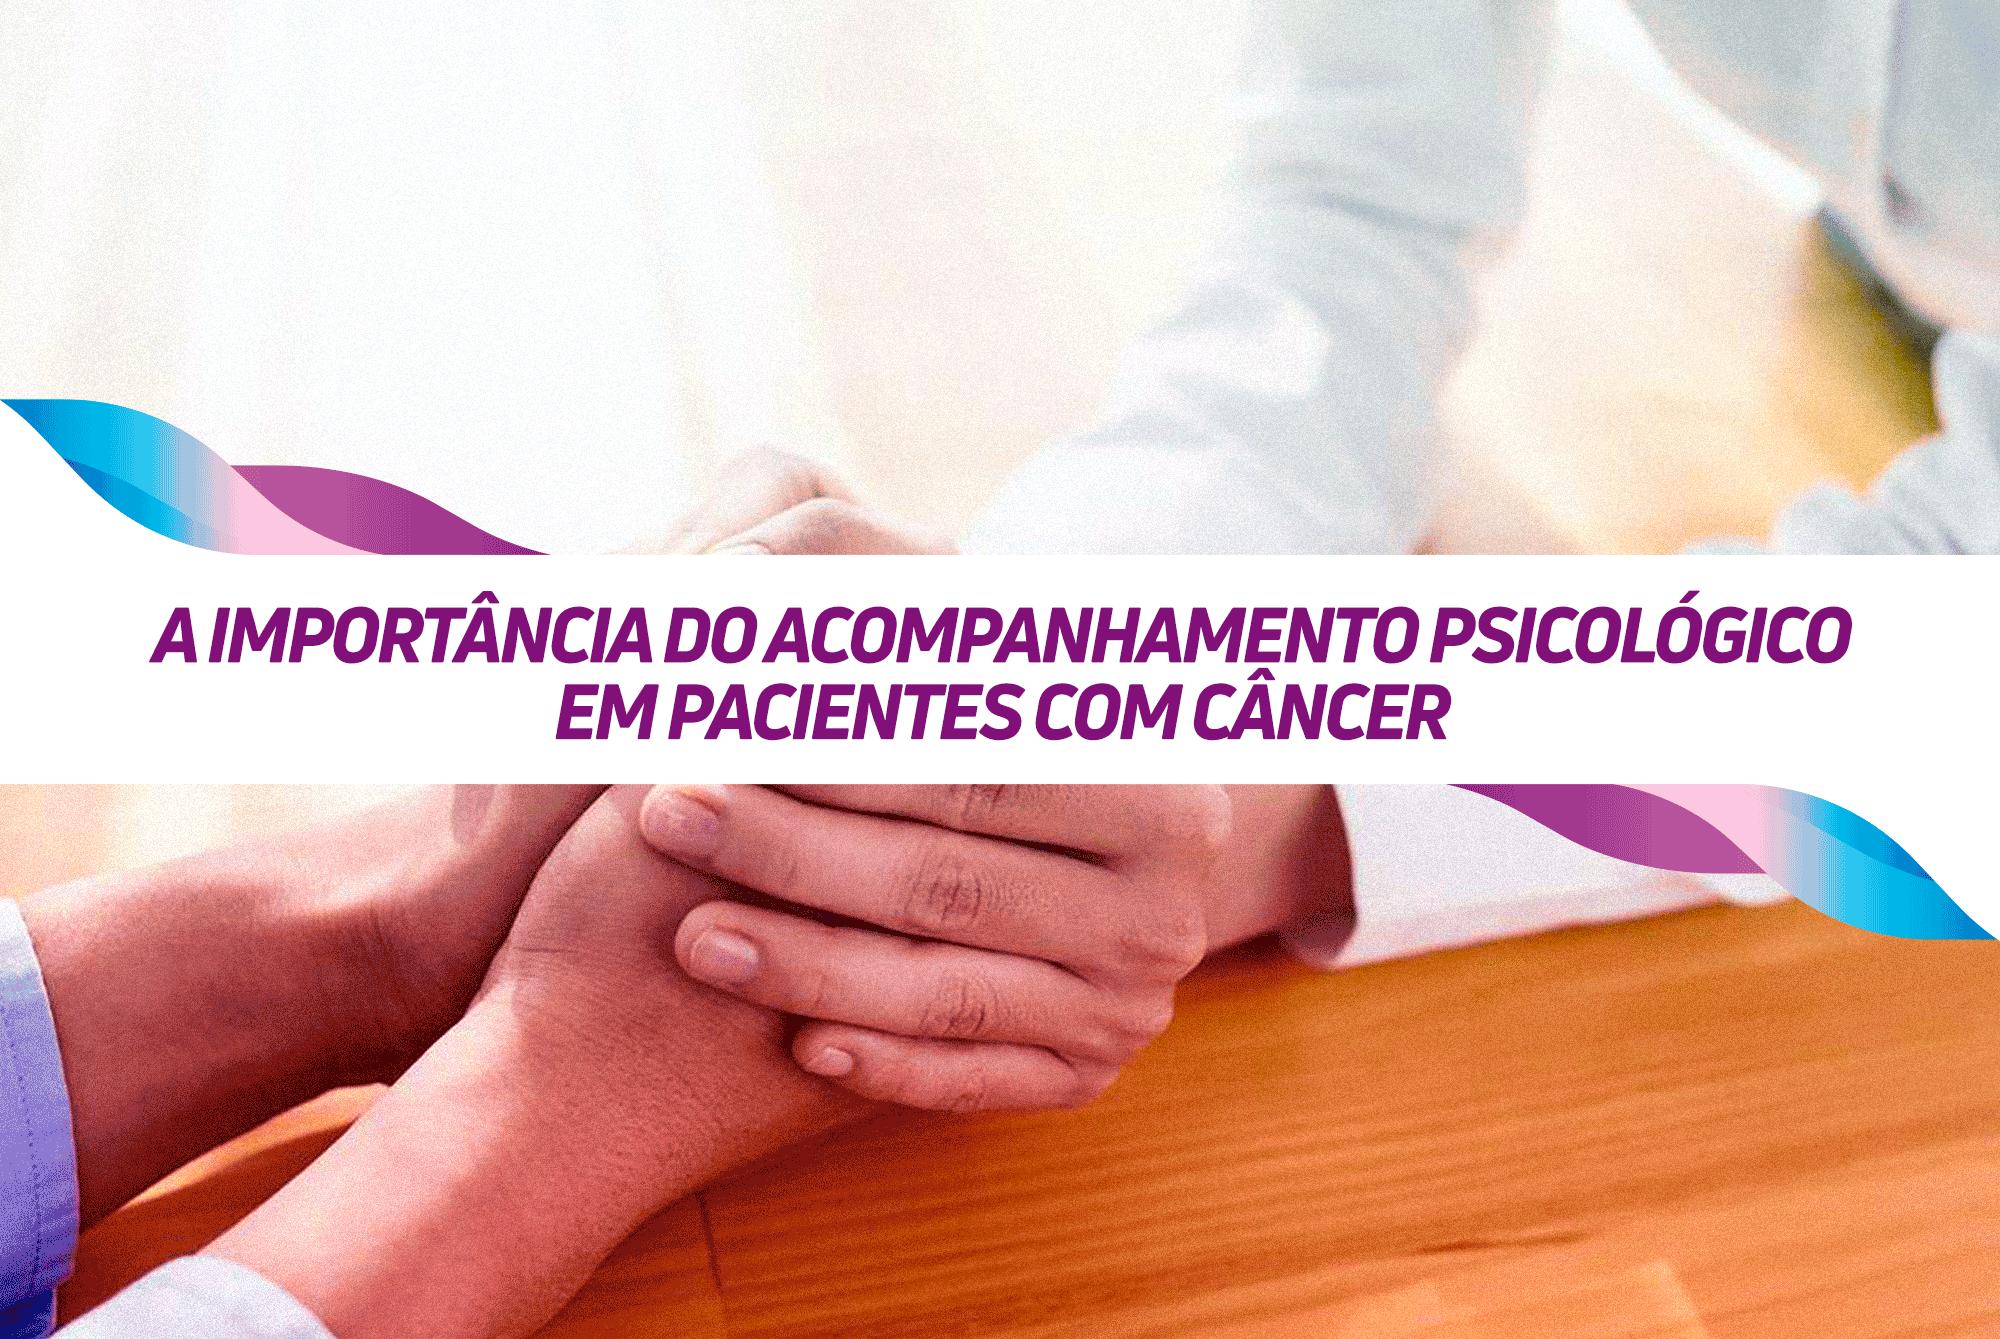 A IMPORTÂNCIA DO ACOMPANHAMENTO PSICOLÓGICO EM PACIENTES COM CÂNCER